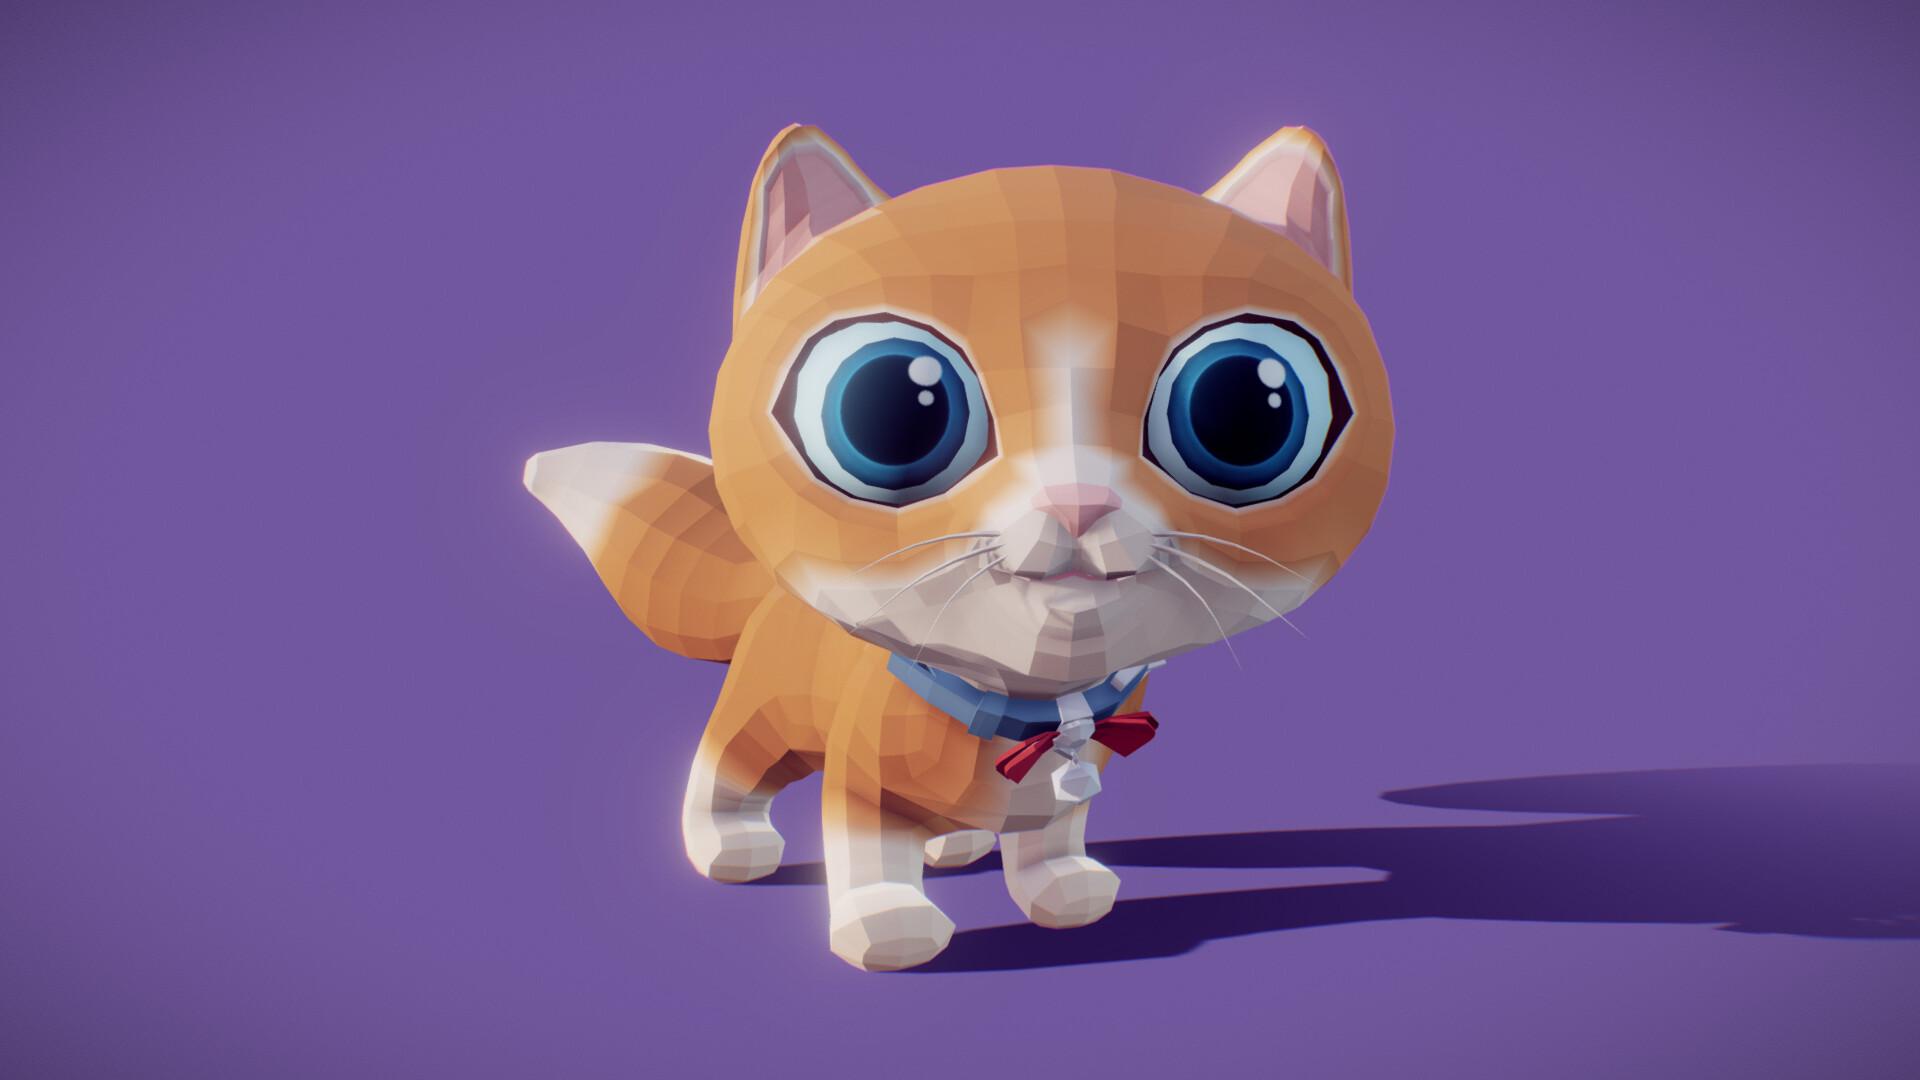 Fabian orrego stylized animated cat 1